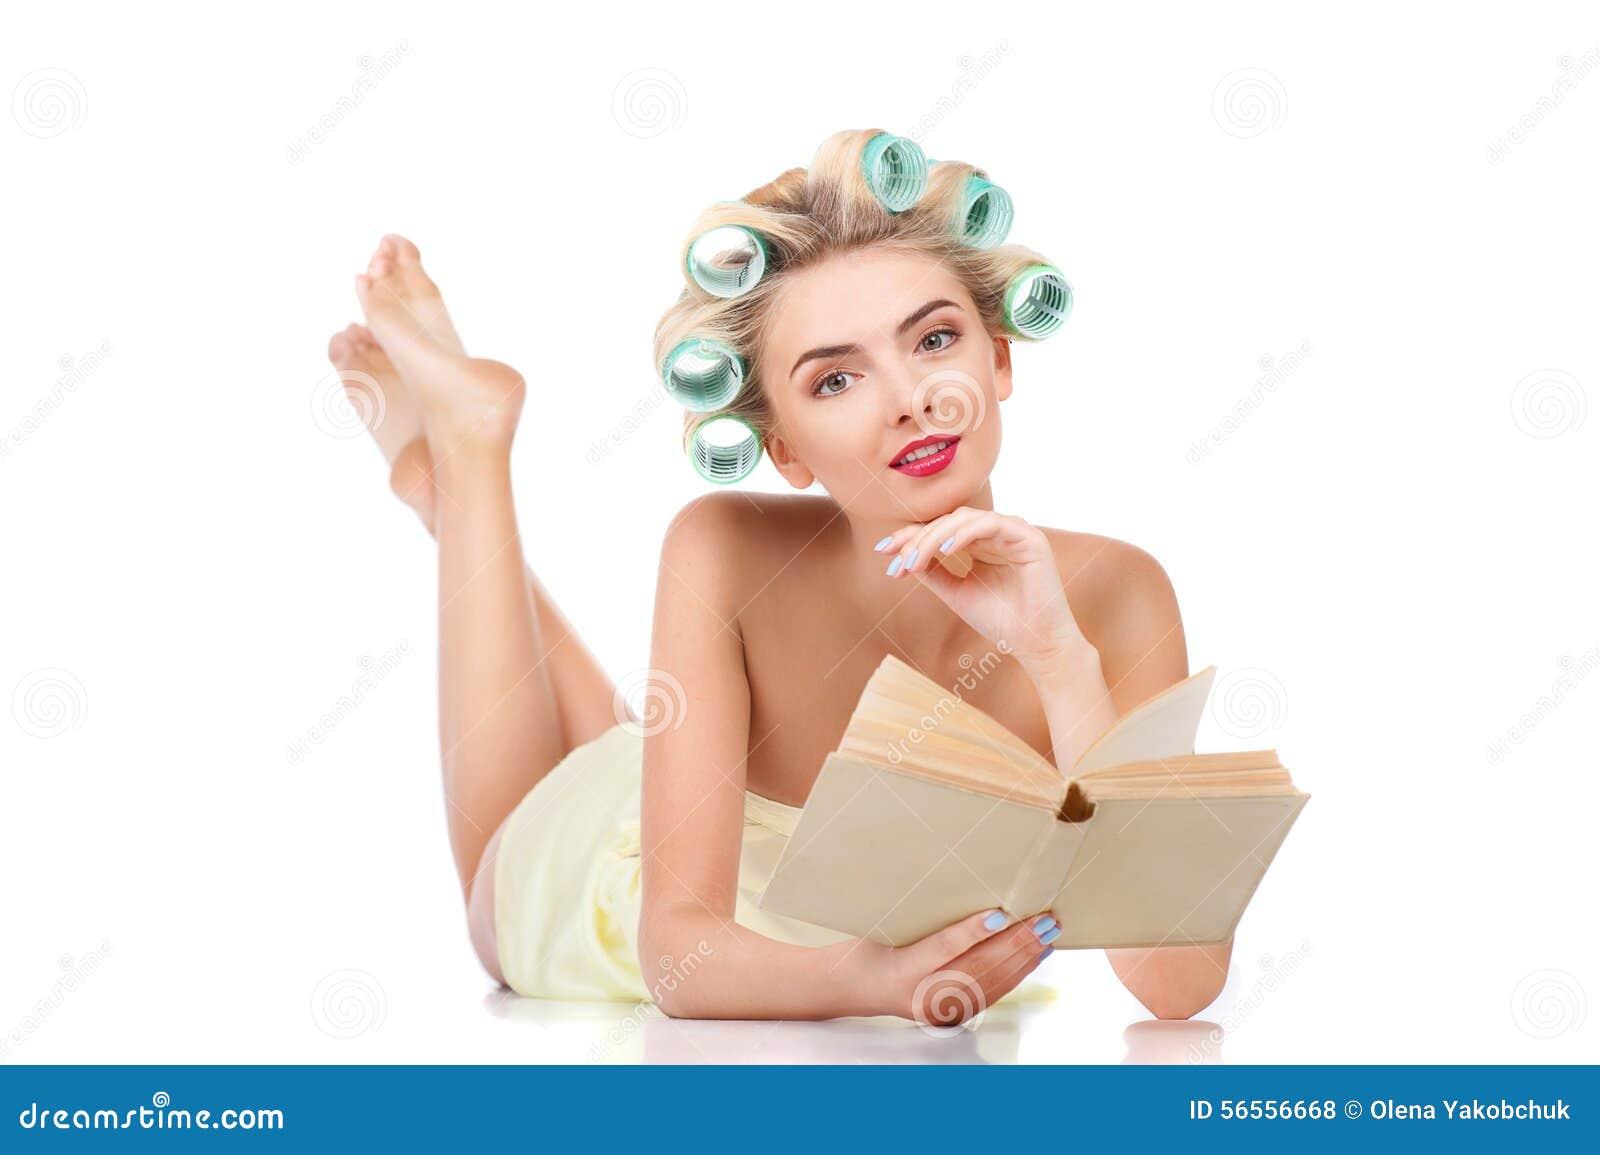 Download Το εύθυμο νέο ξανθό κορίτσι με τα ρόλερ χαλαρώνει Στοκ Εικόνες - εικόνα από ρόλερ, μόδα: 56556668